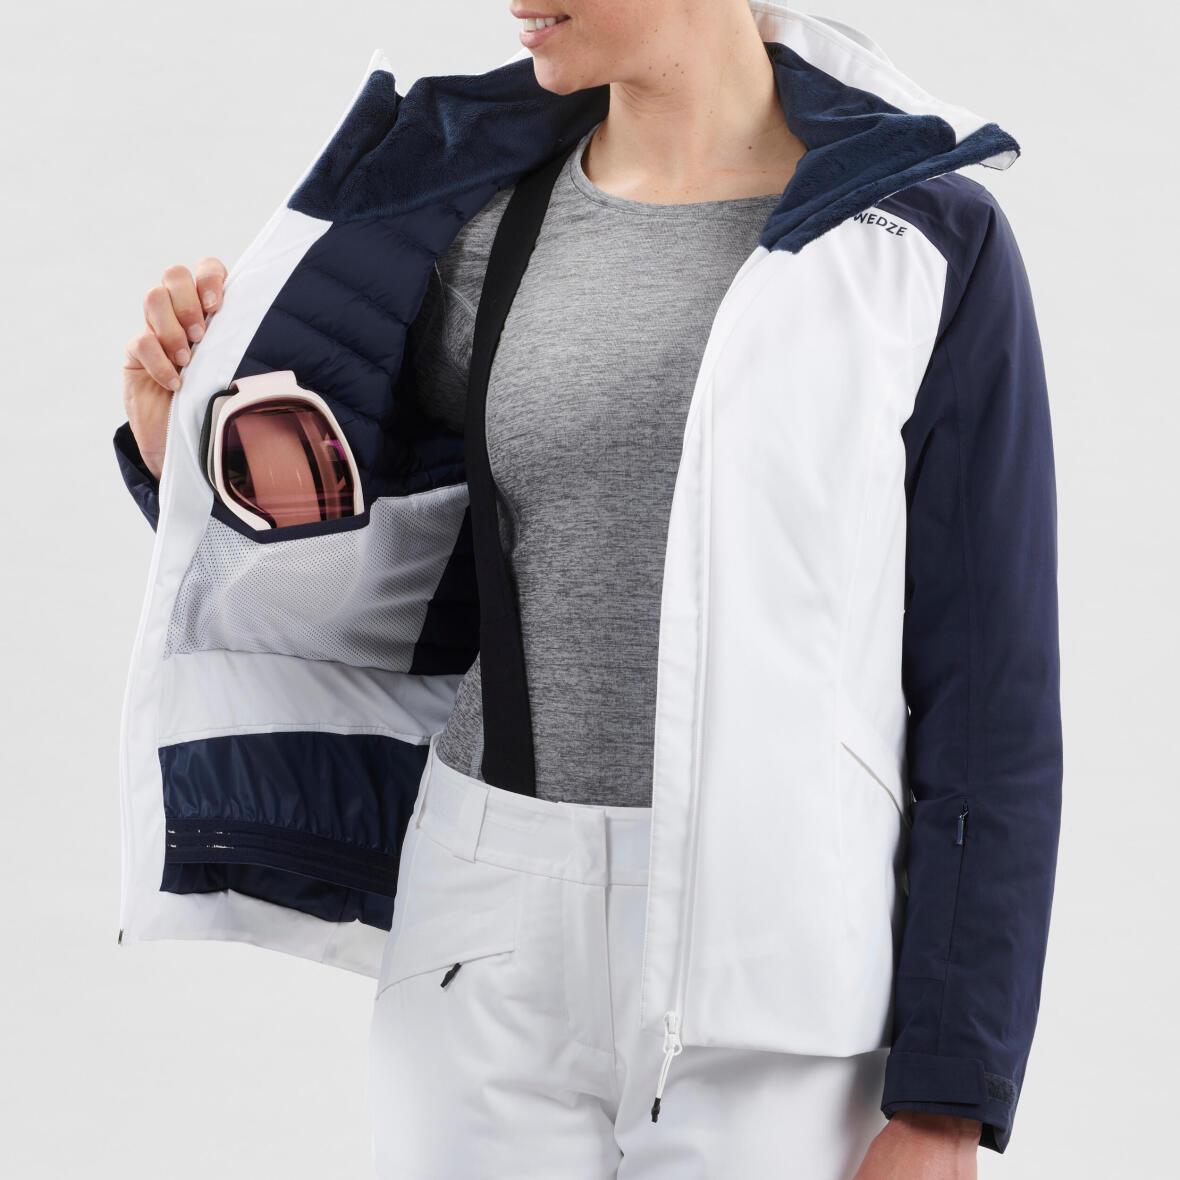 Ski jacket - Powder skirt